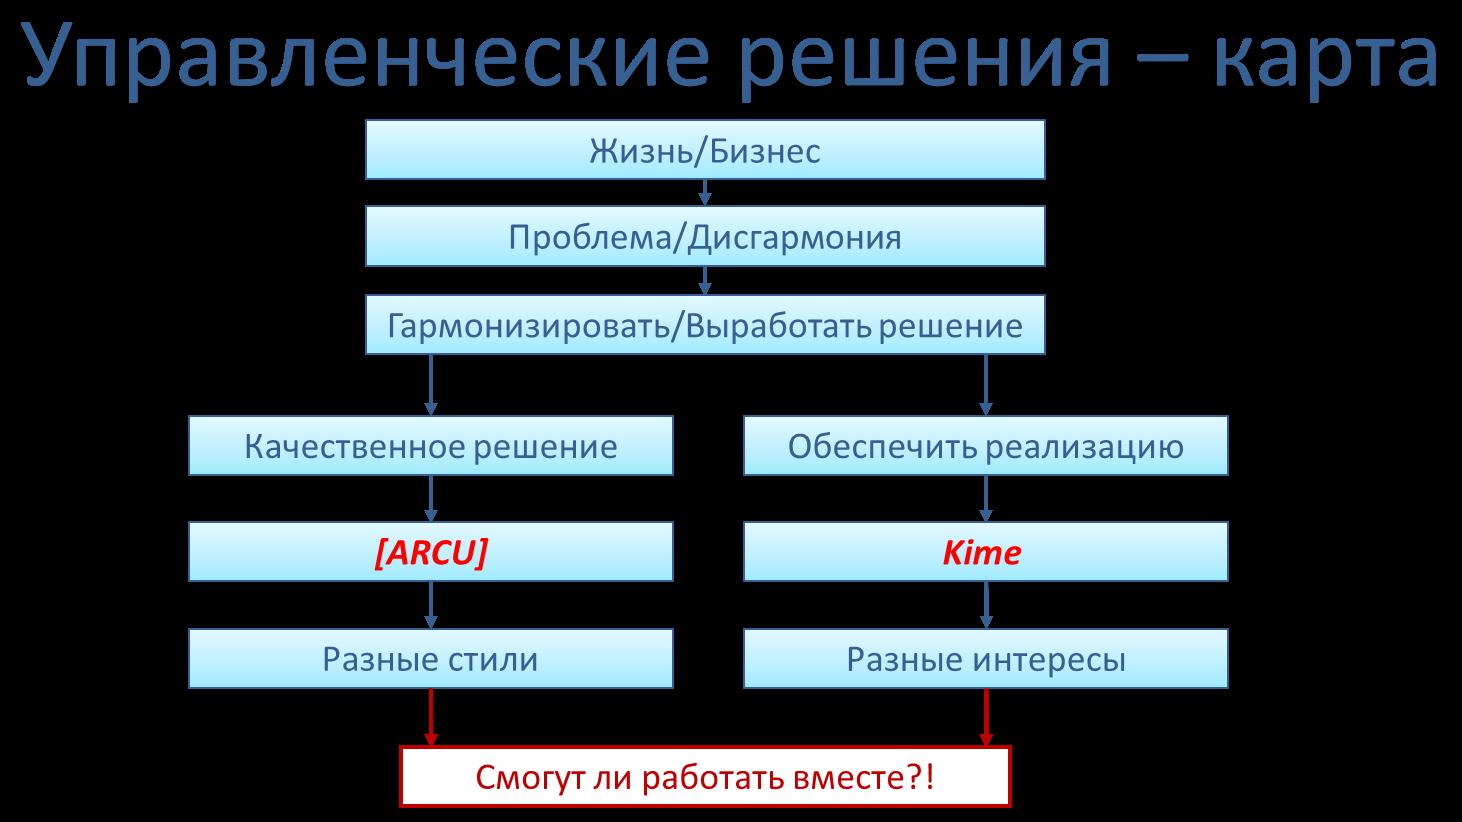 Карта решений